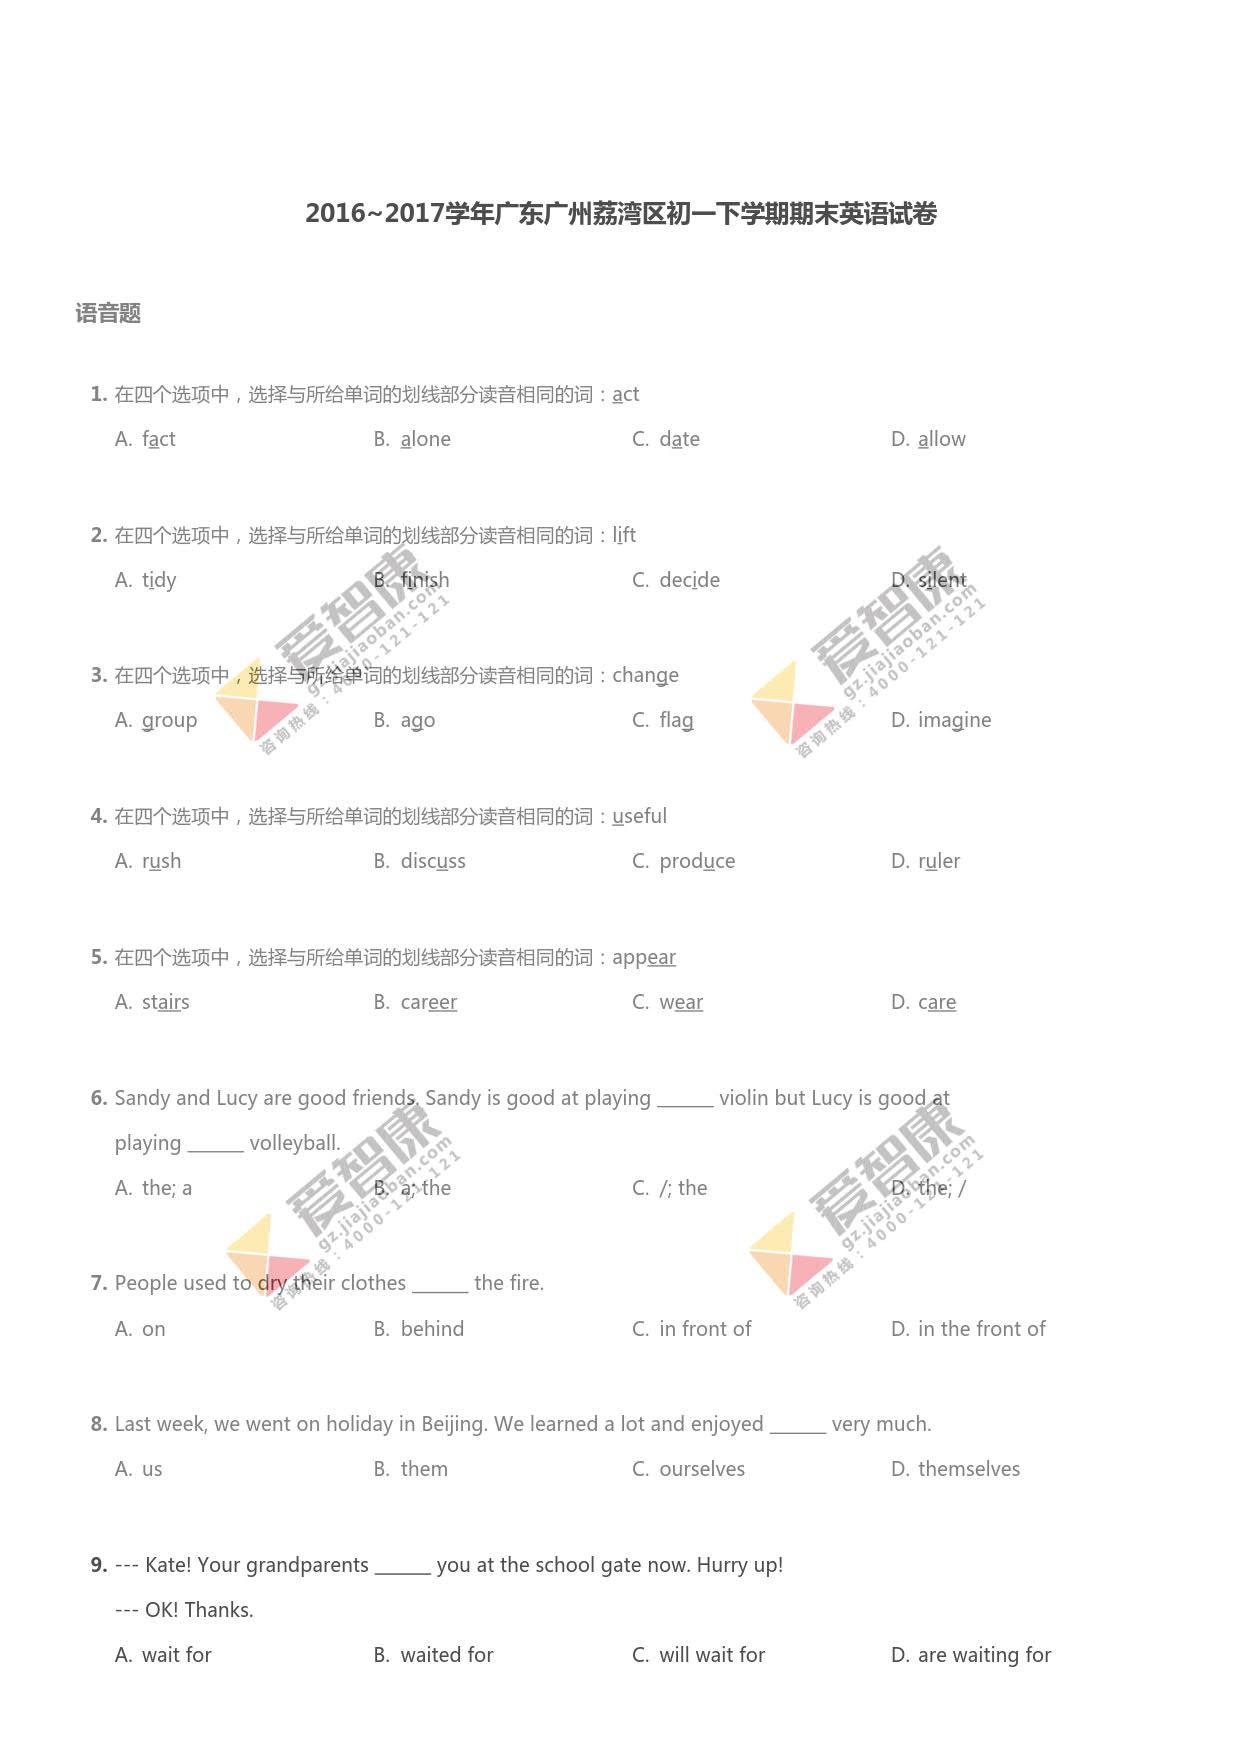 2016-2017学年广州市荔湾区初一下学期期末英语试卷及答案